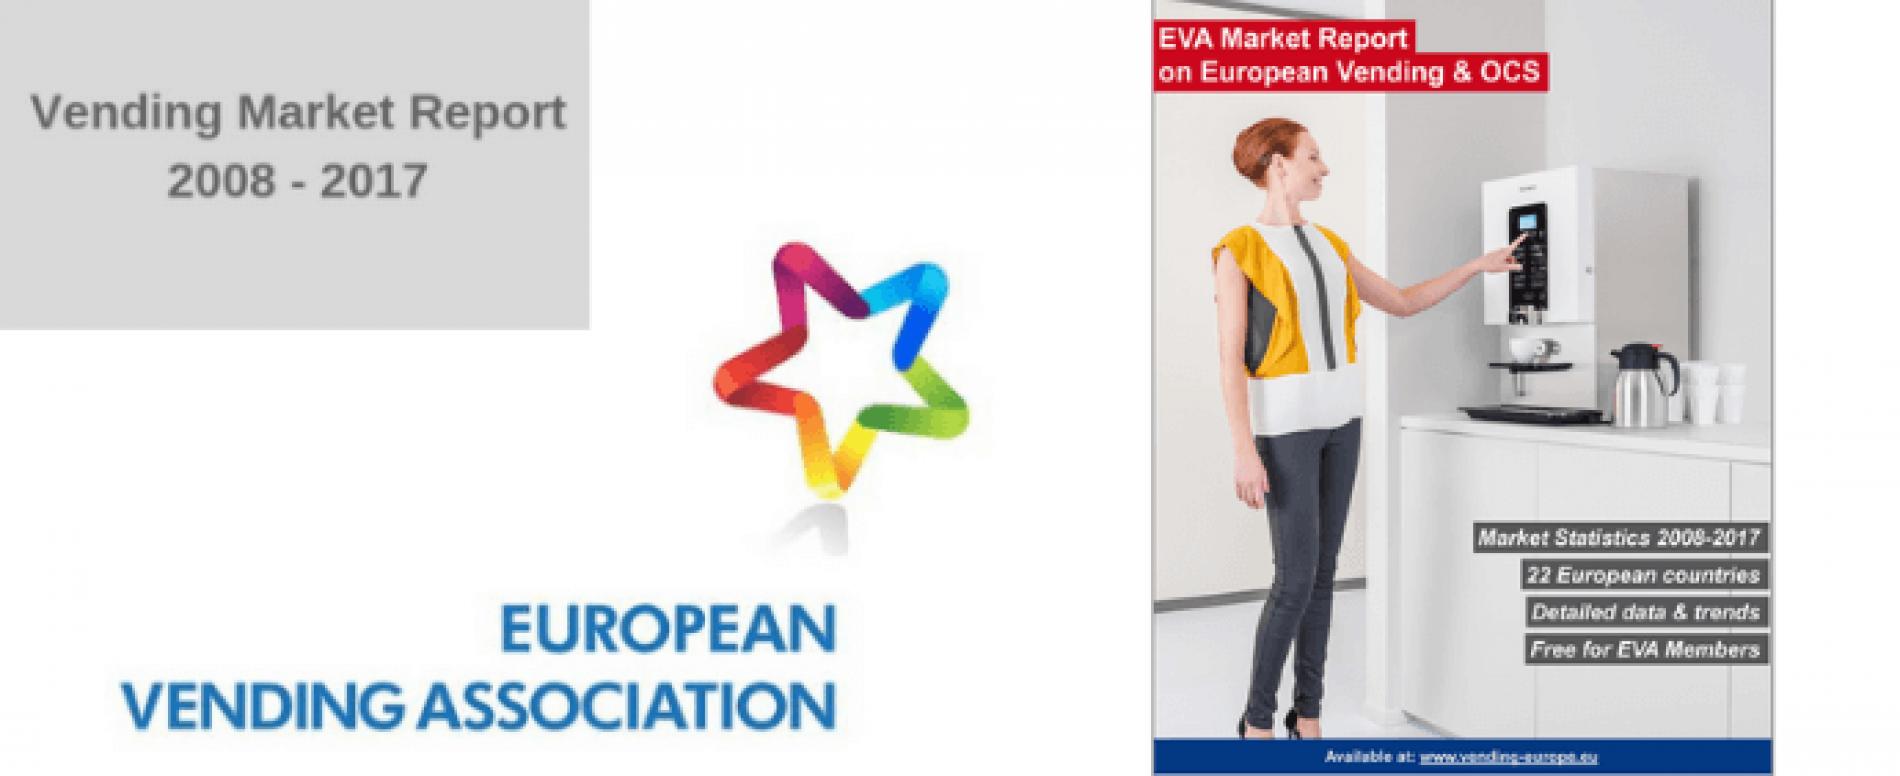 Mercato europeo del Vending. L'EVA pubblica l'ultimo report